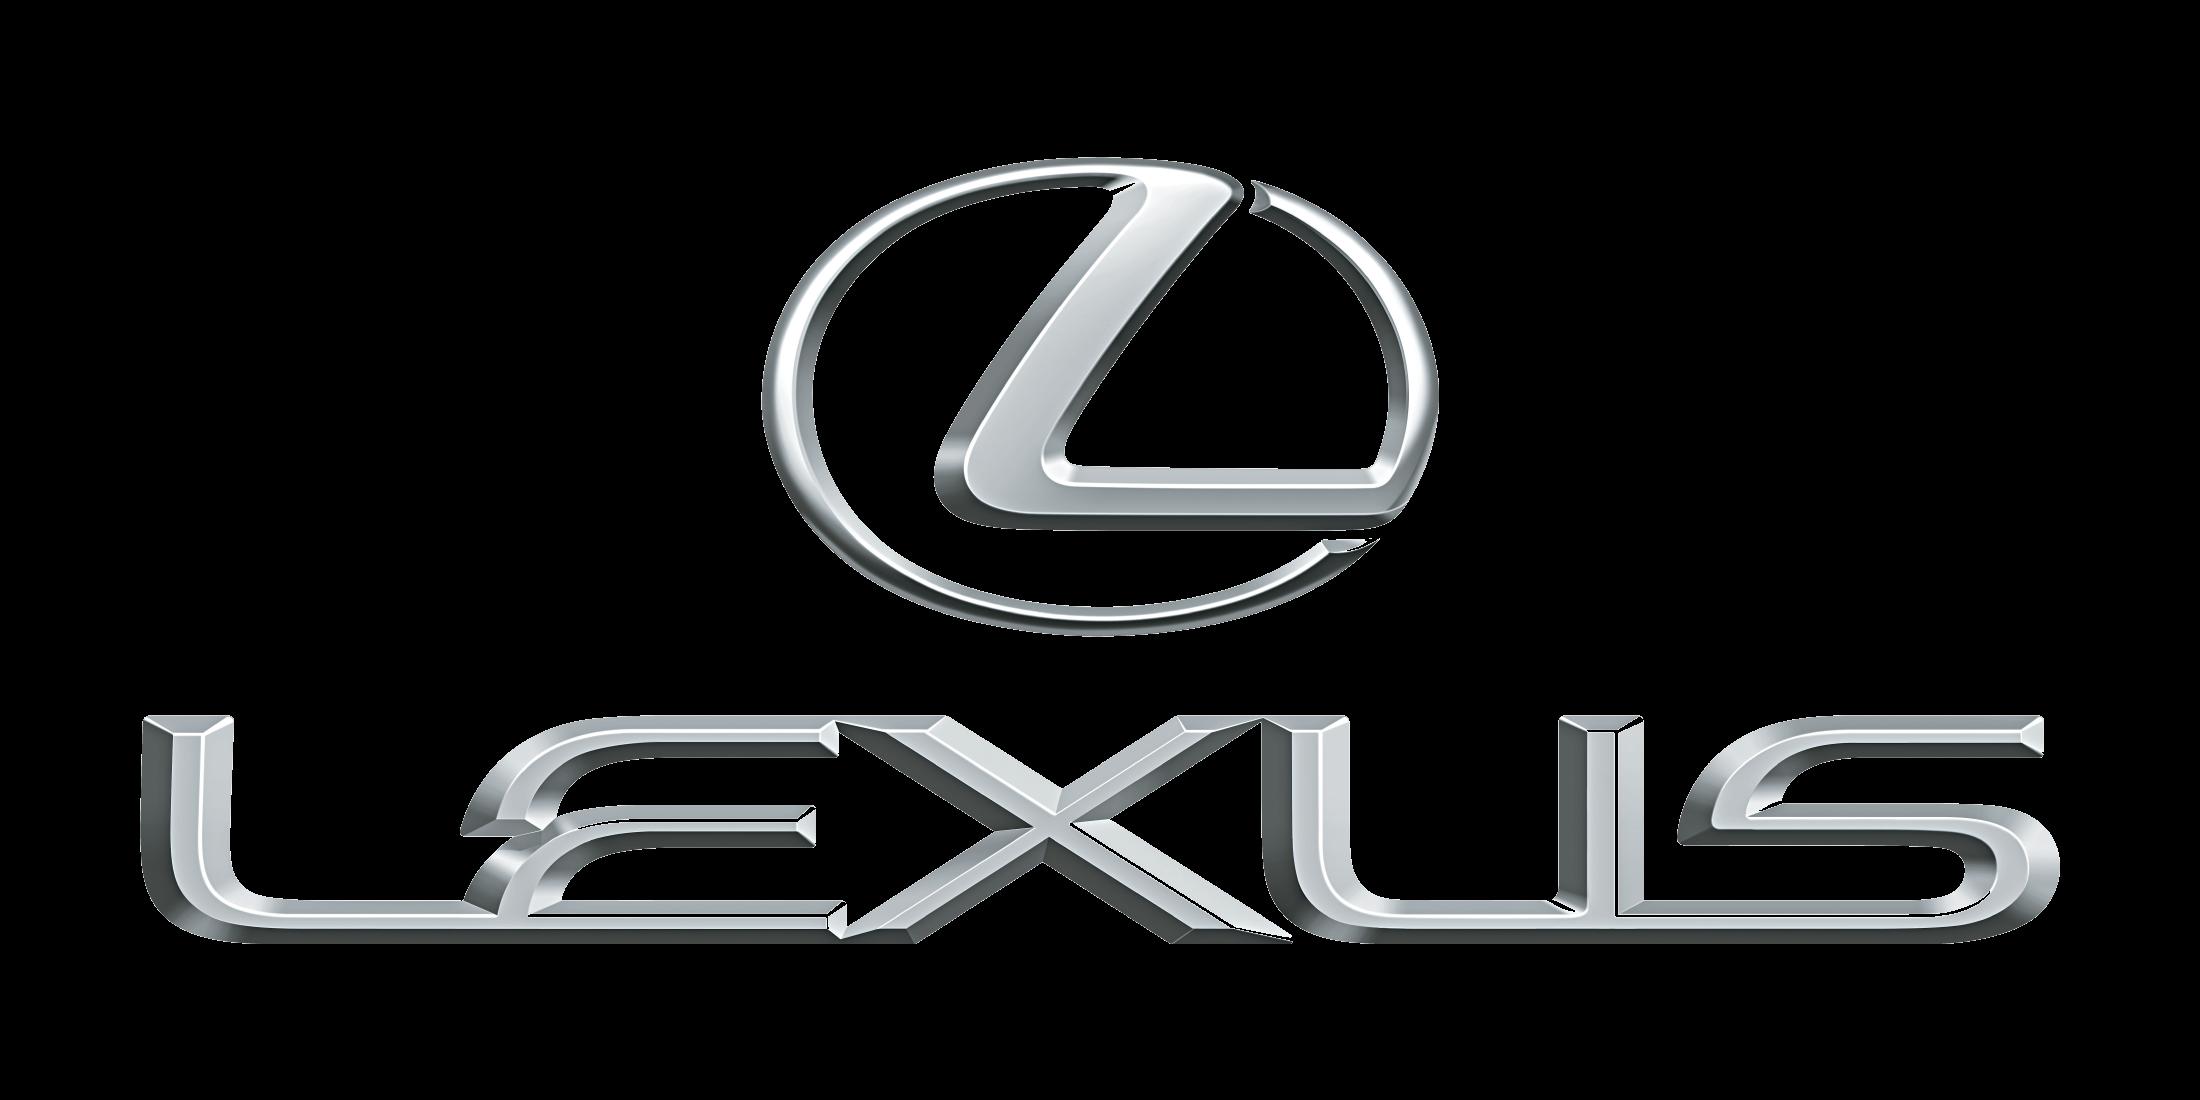 Lexus Logos Png Image Lexus Logo Lexus Cars Car Make Logos